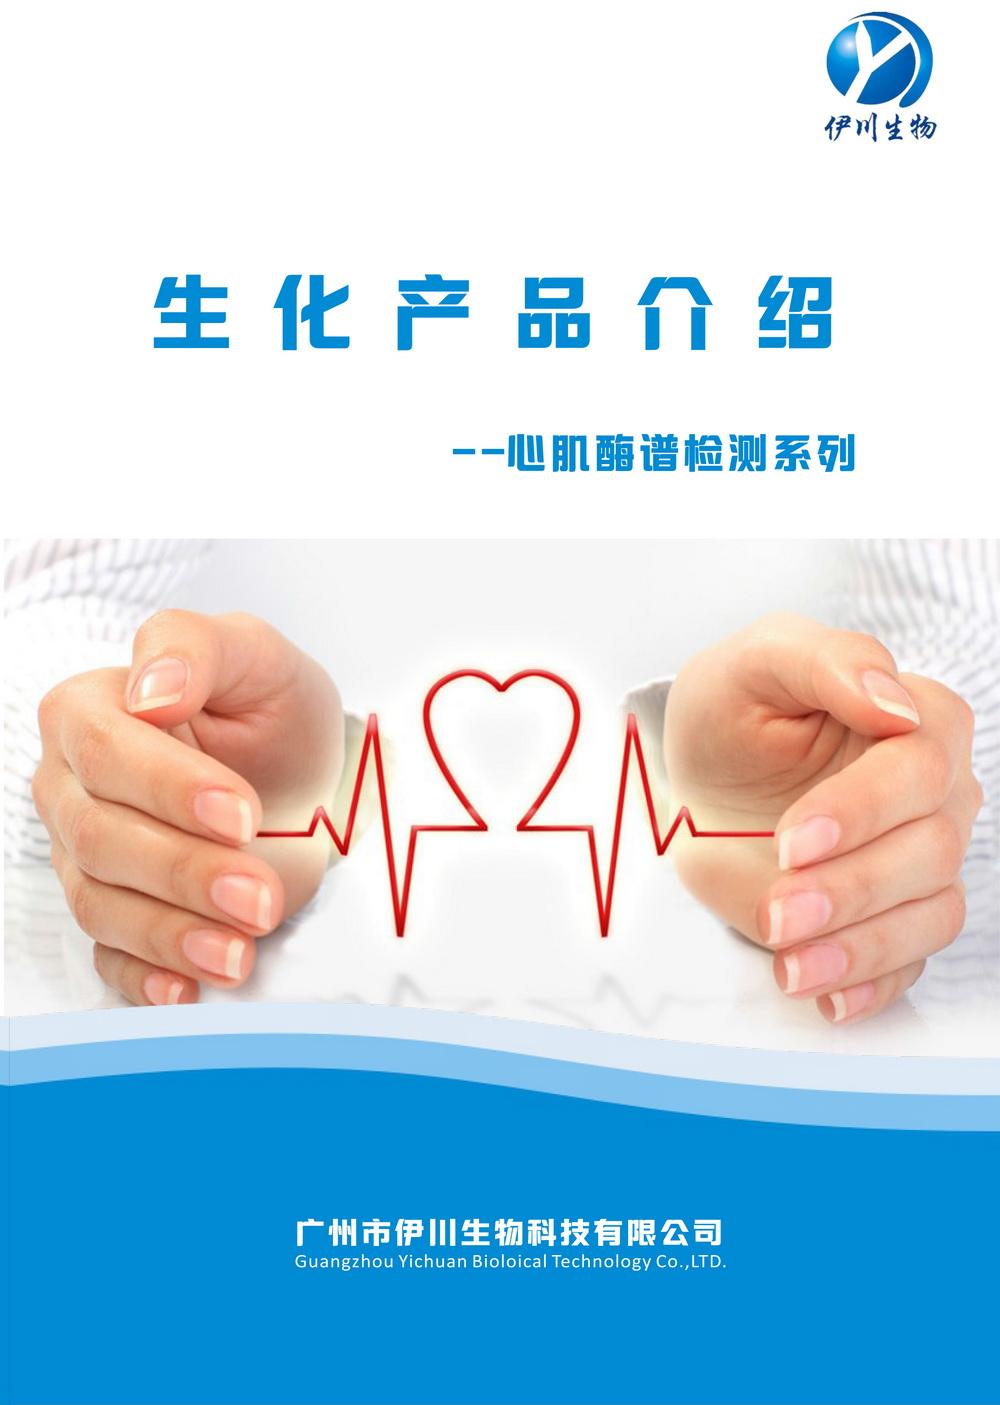 心肌酶谱检测系列